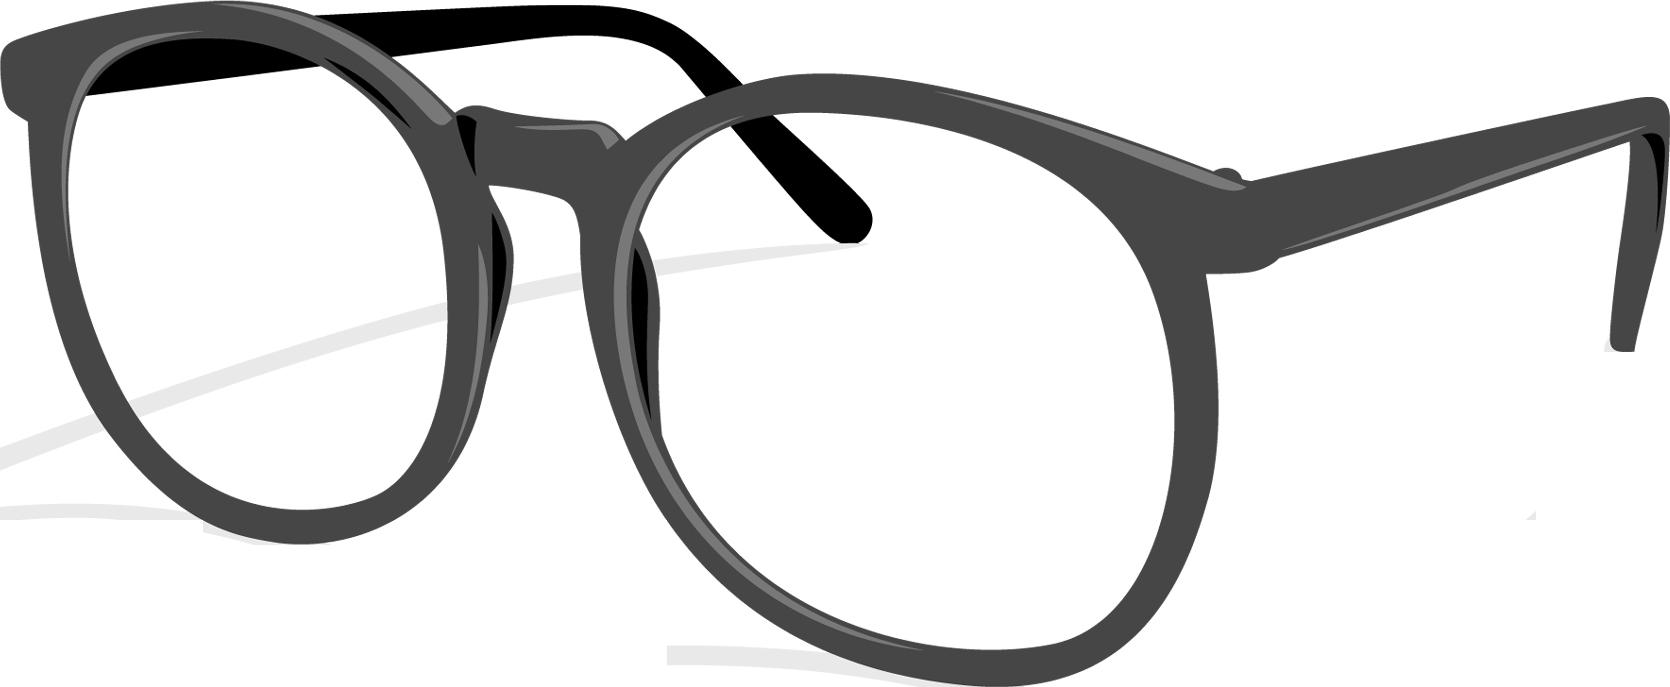 eyeglass clipart-eyeglass clipart-8